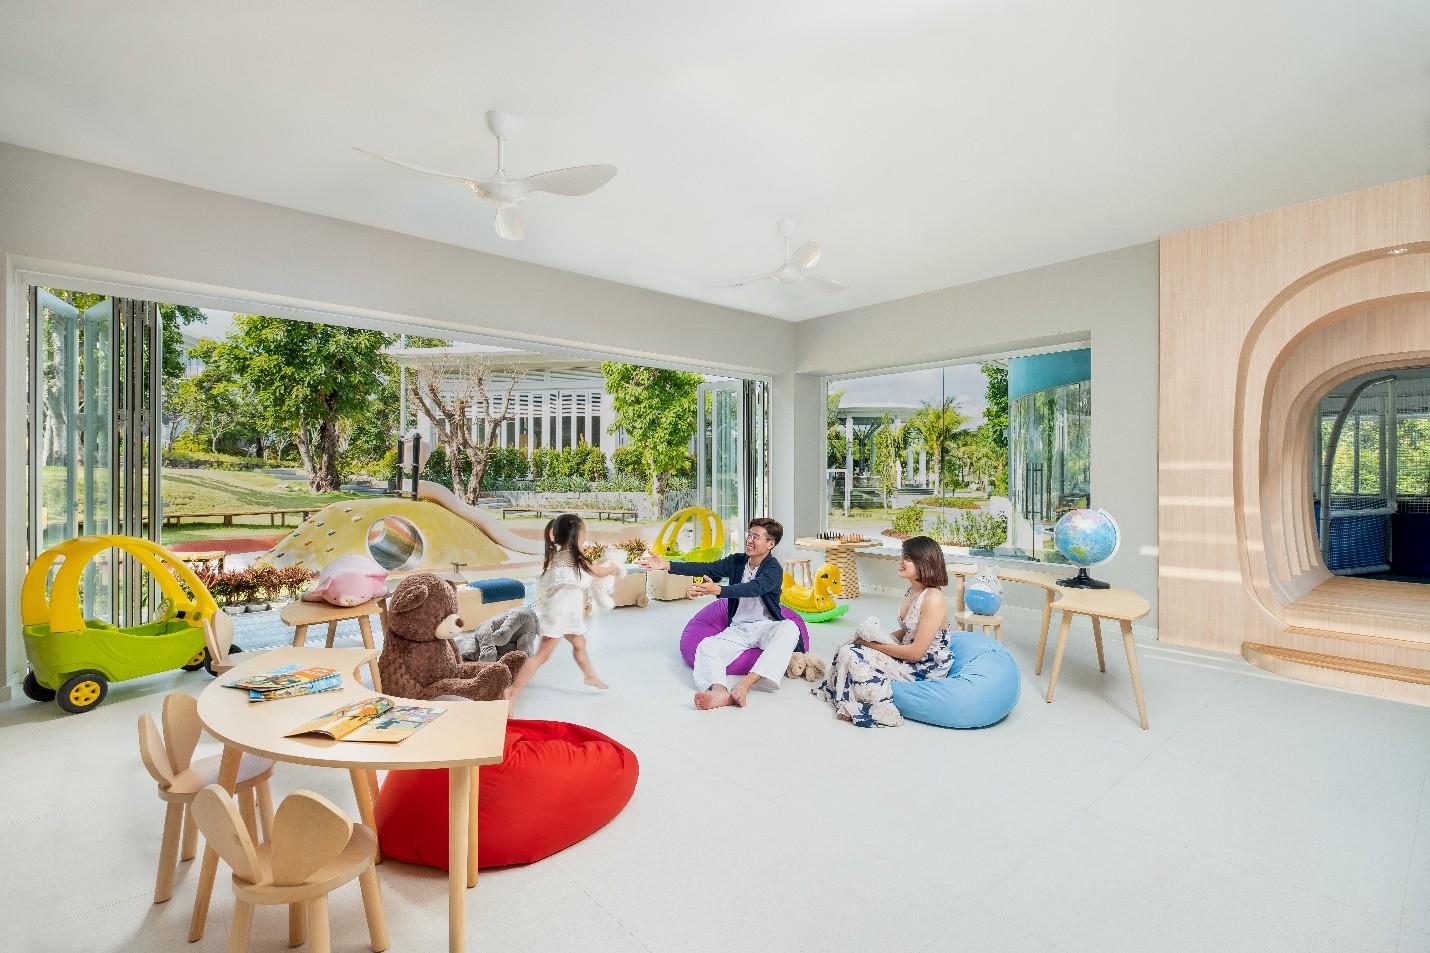 Mùa hè của gia đình tại Premier Village Phu Quoc Resort - Ảnh 4.